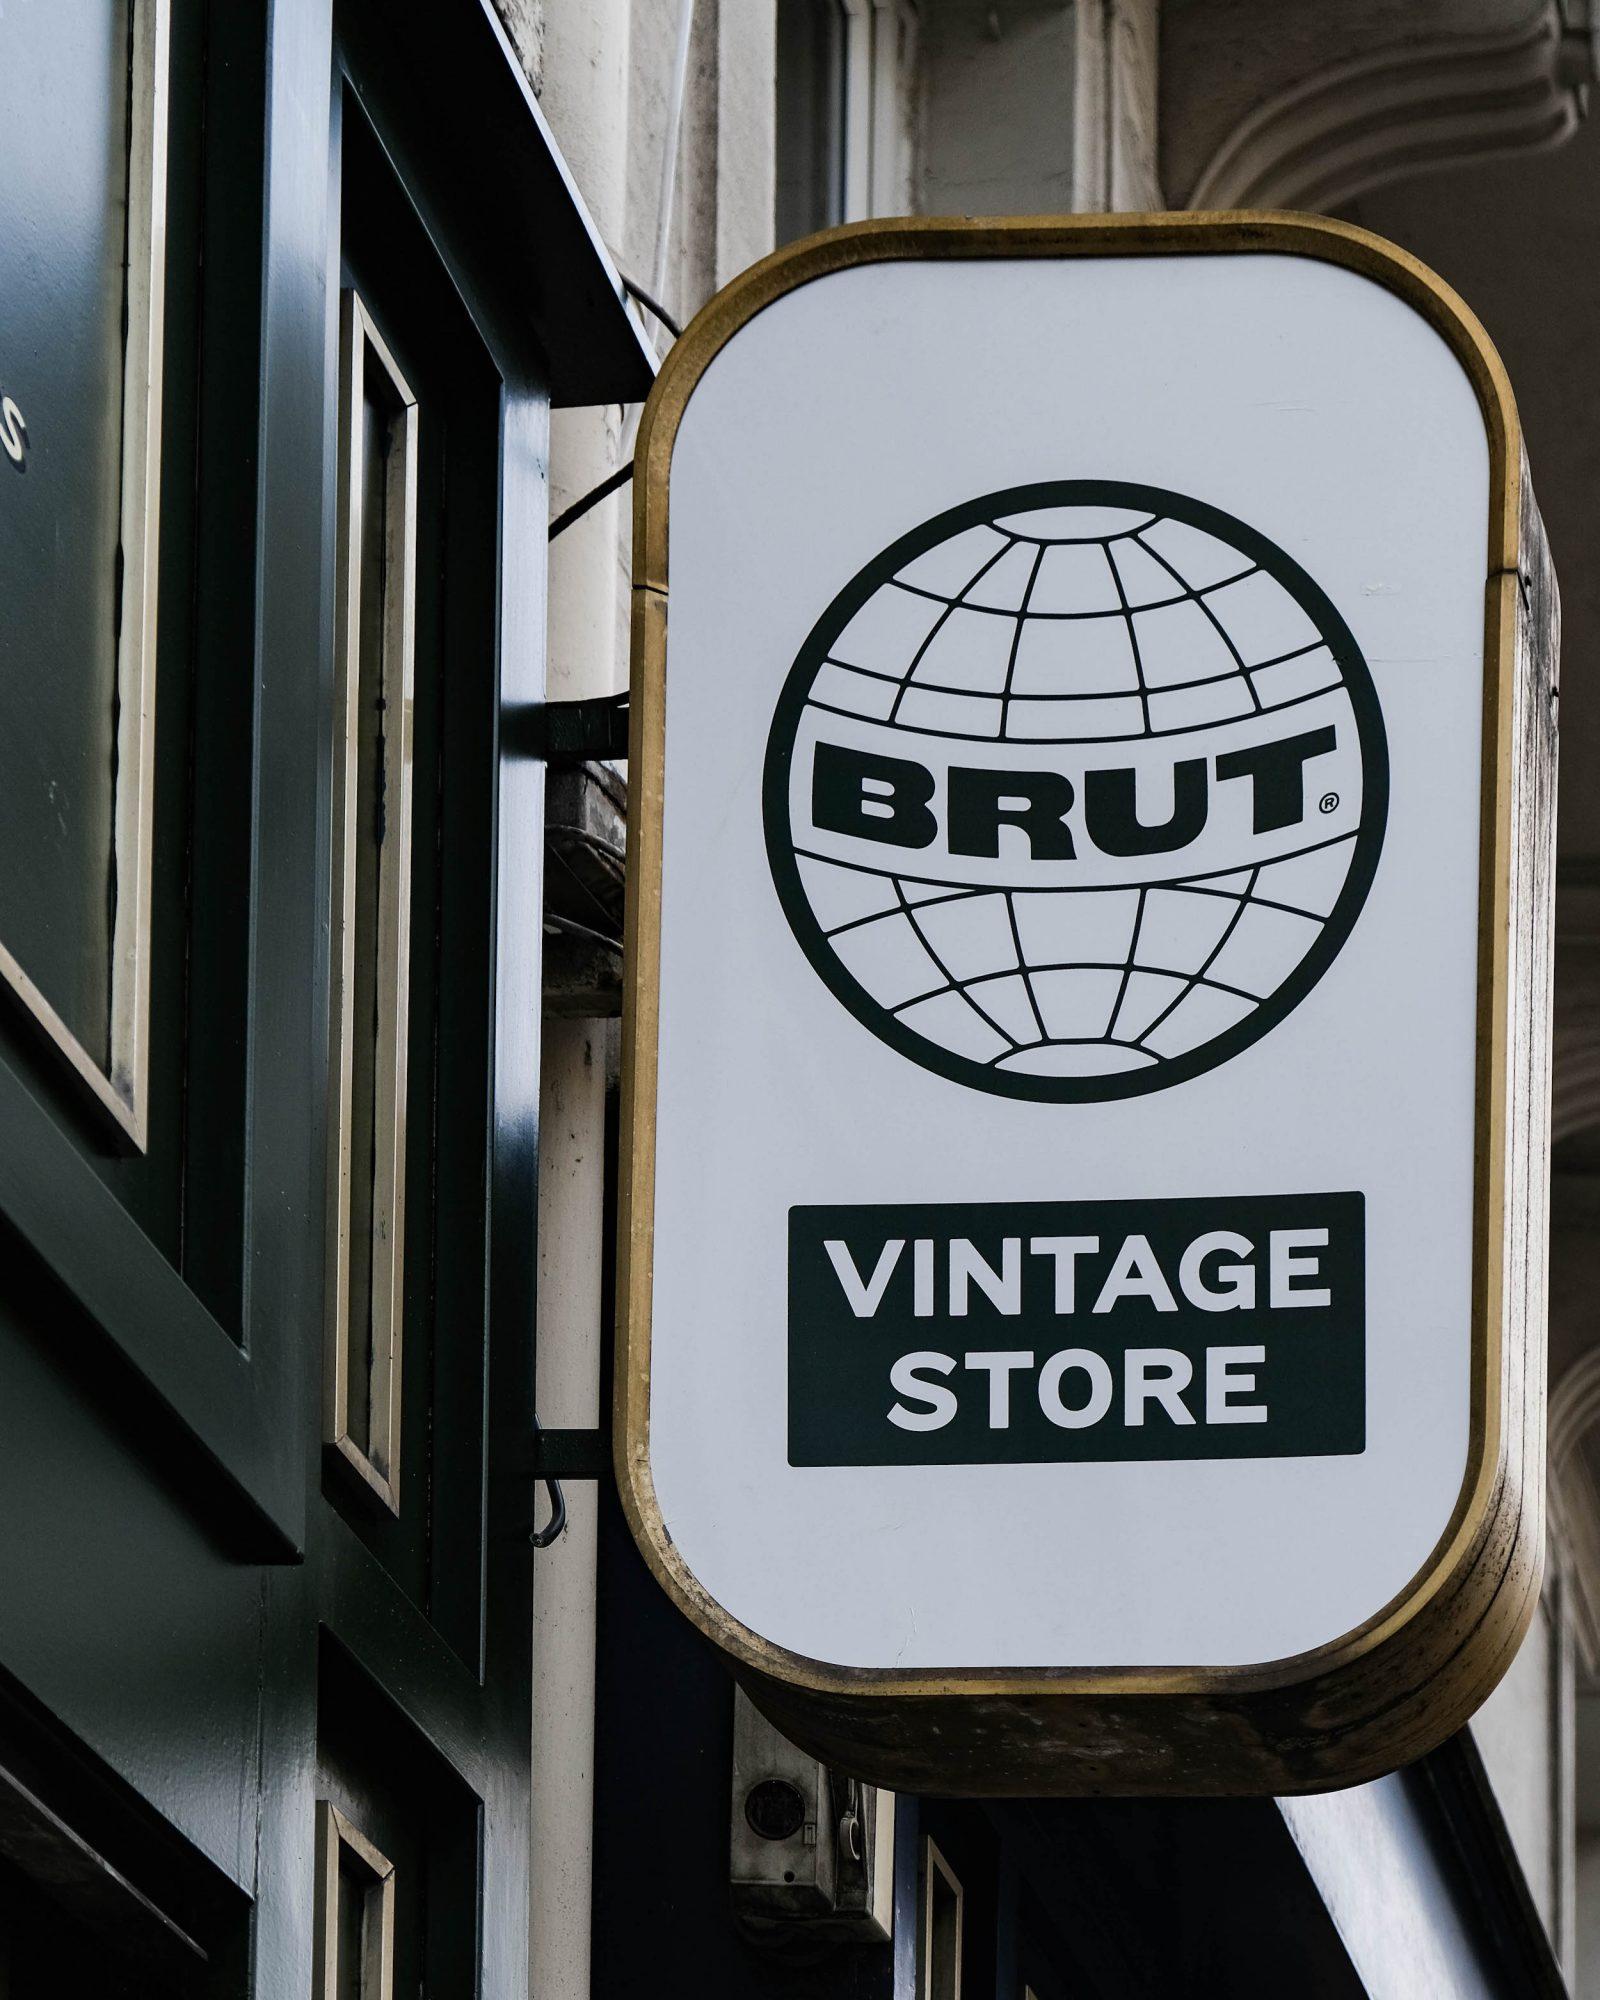 brut vintage store